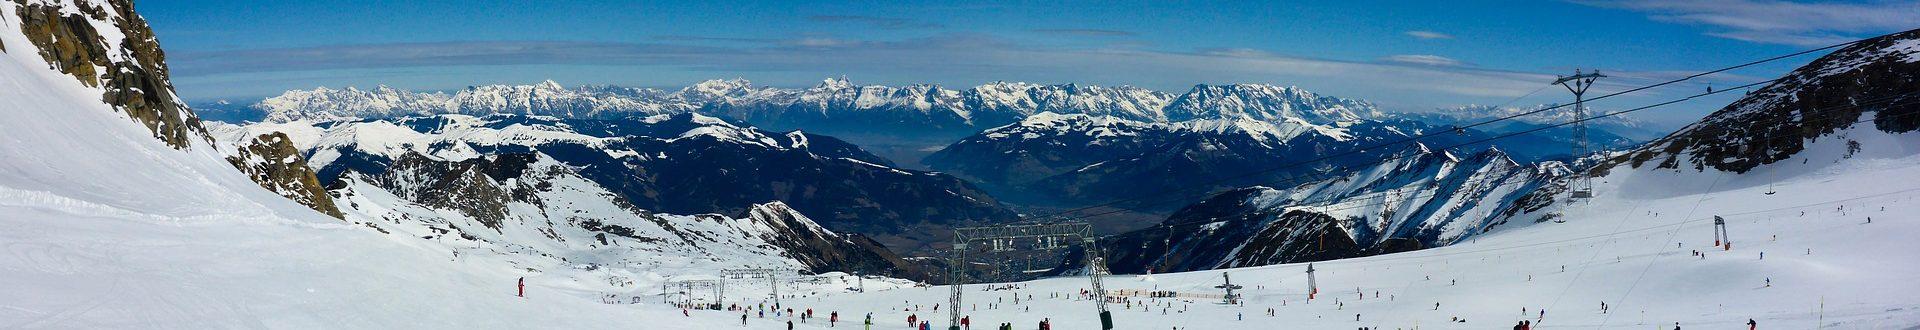 Wintersport busreizen met Veenstra Reizen